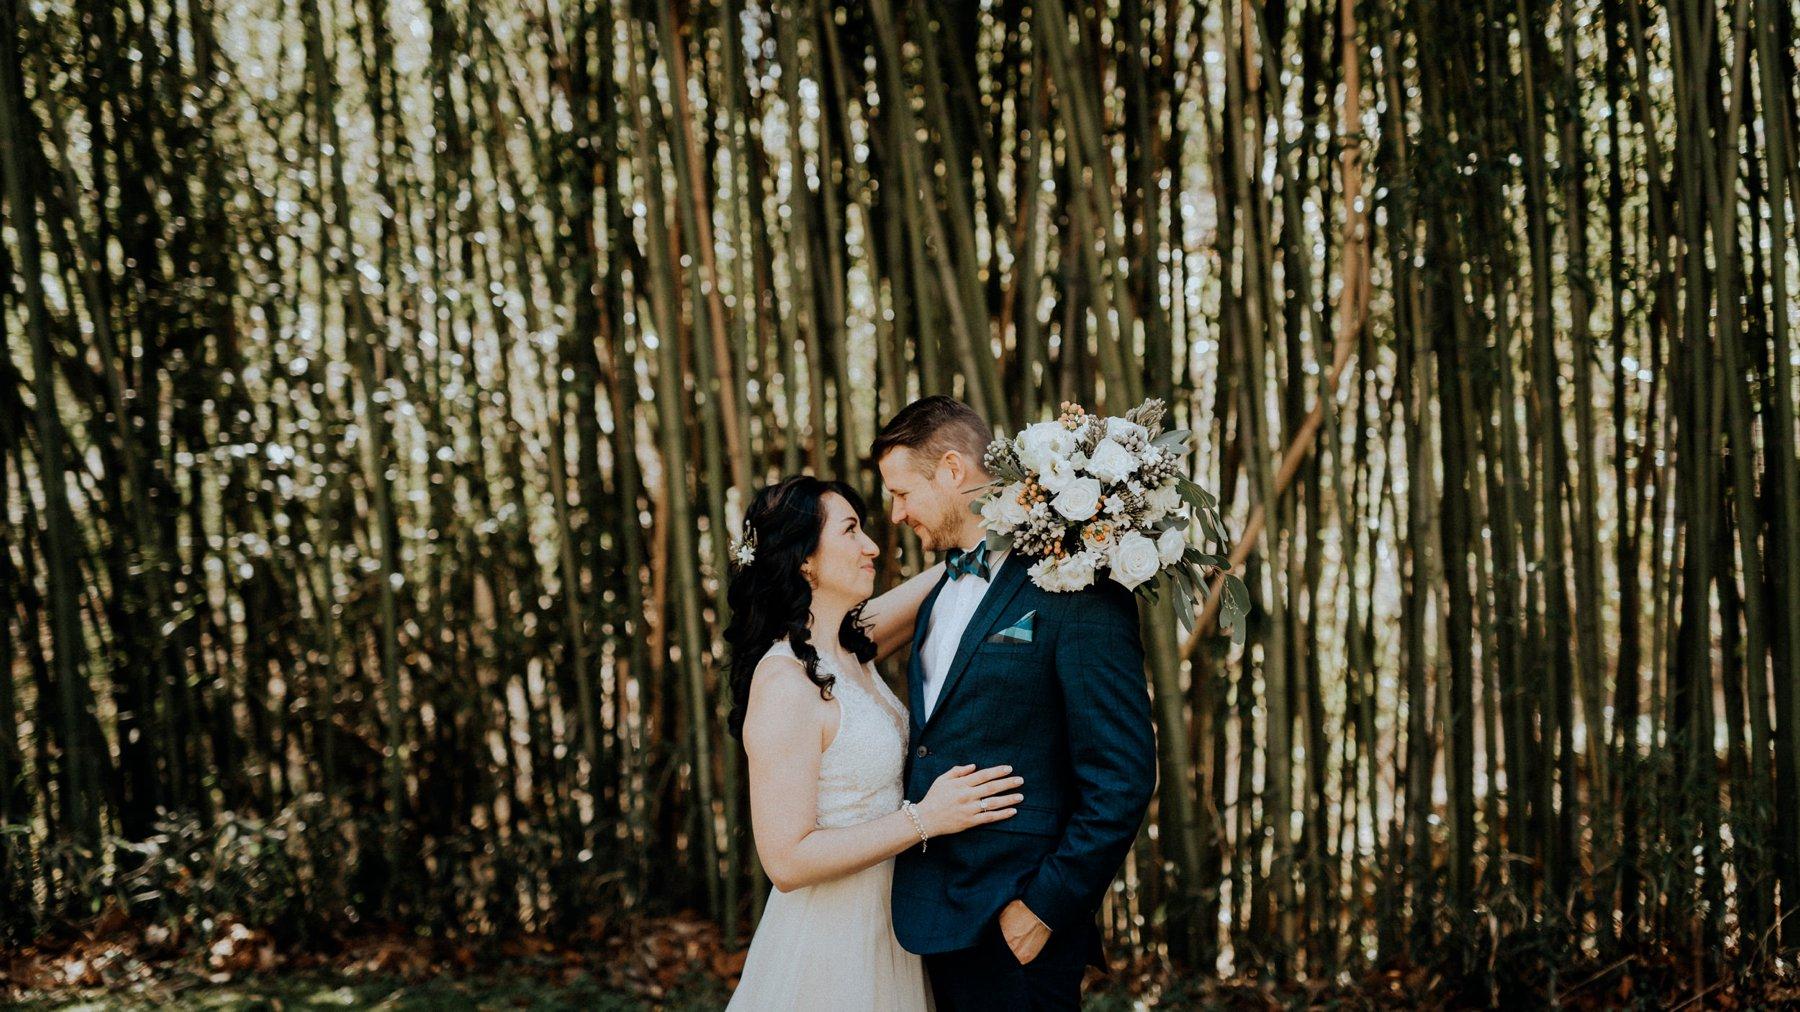 146-137-old-mill-rose-valley-wedding-2.jpg